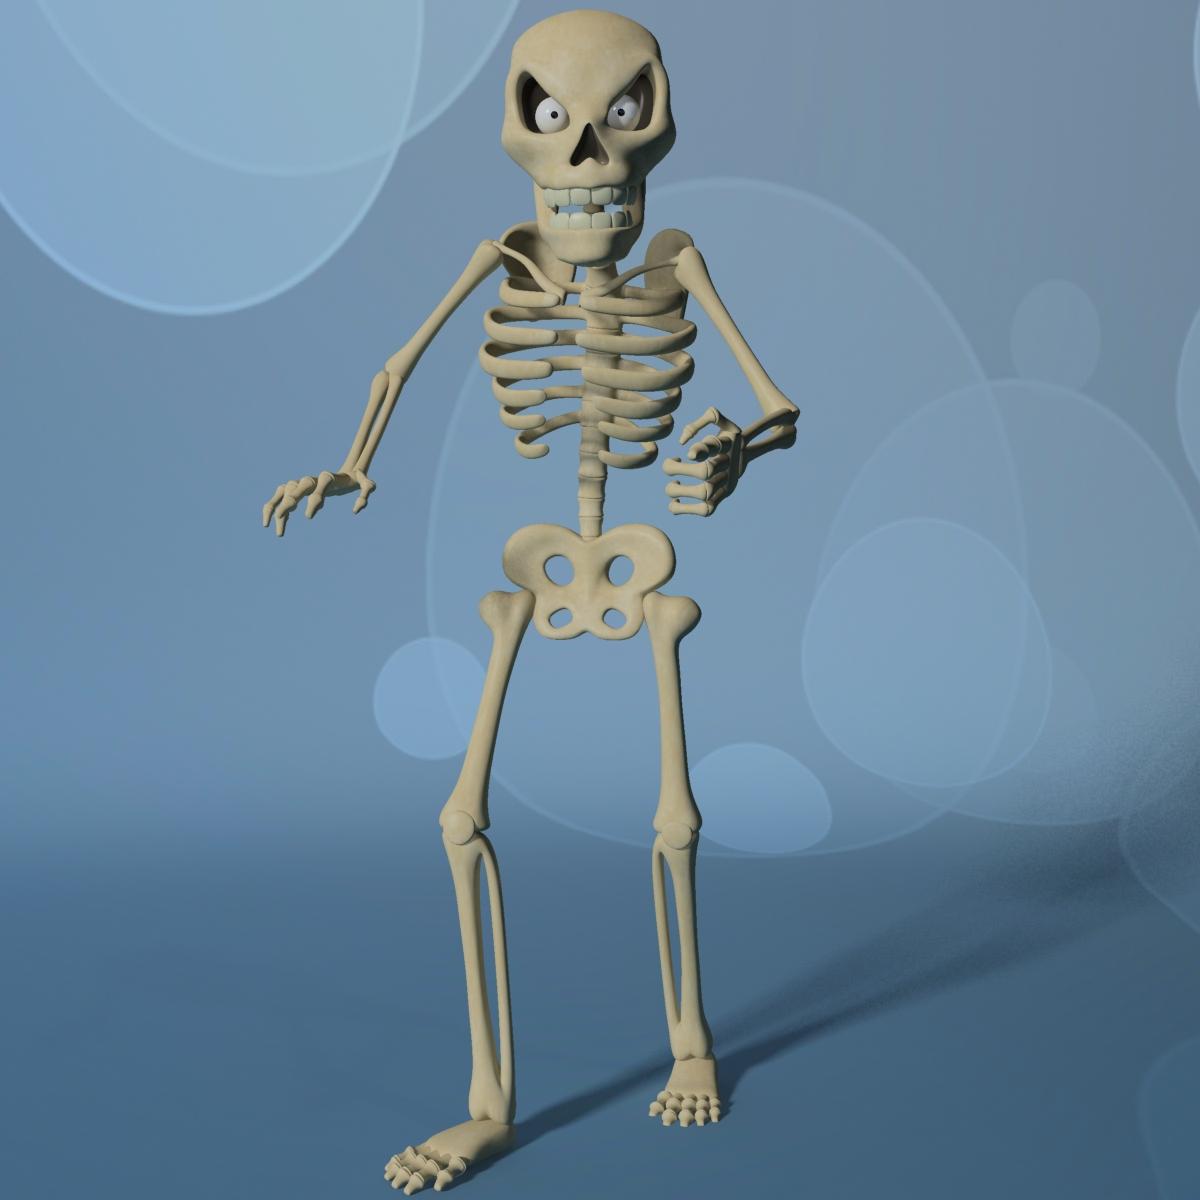 karikatūra skelets rigged 3d modelis 3ds max fbx obj 215120